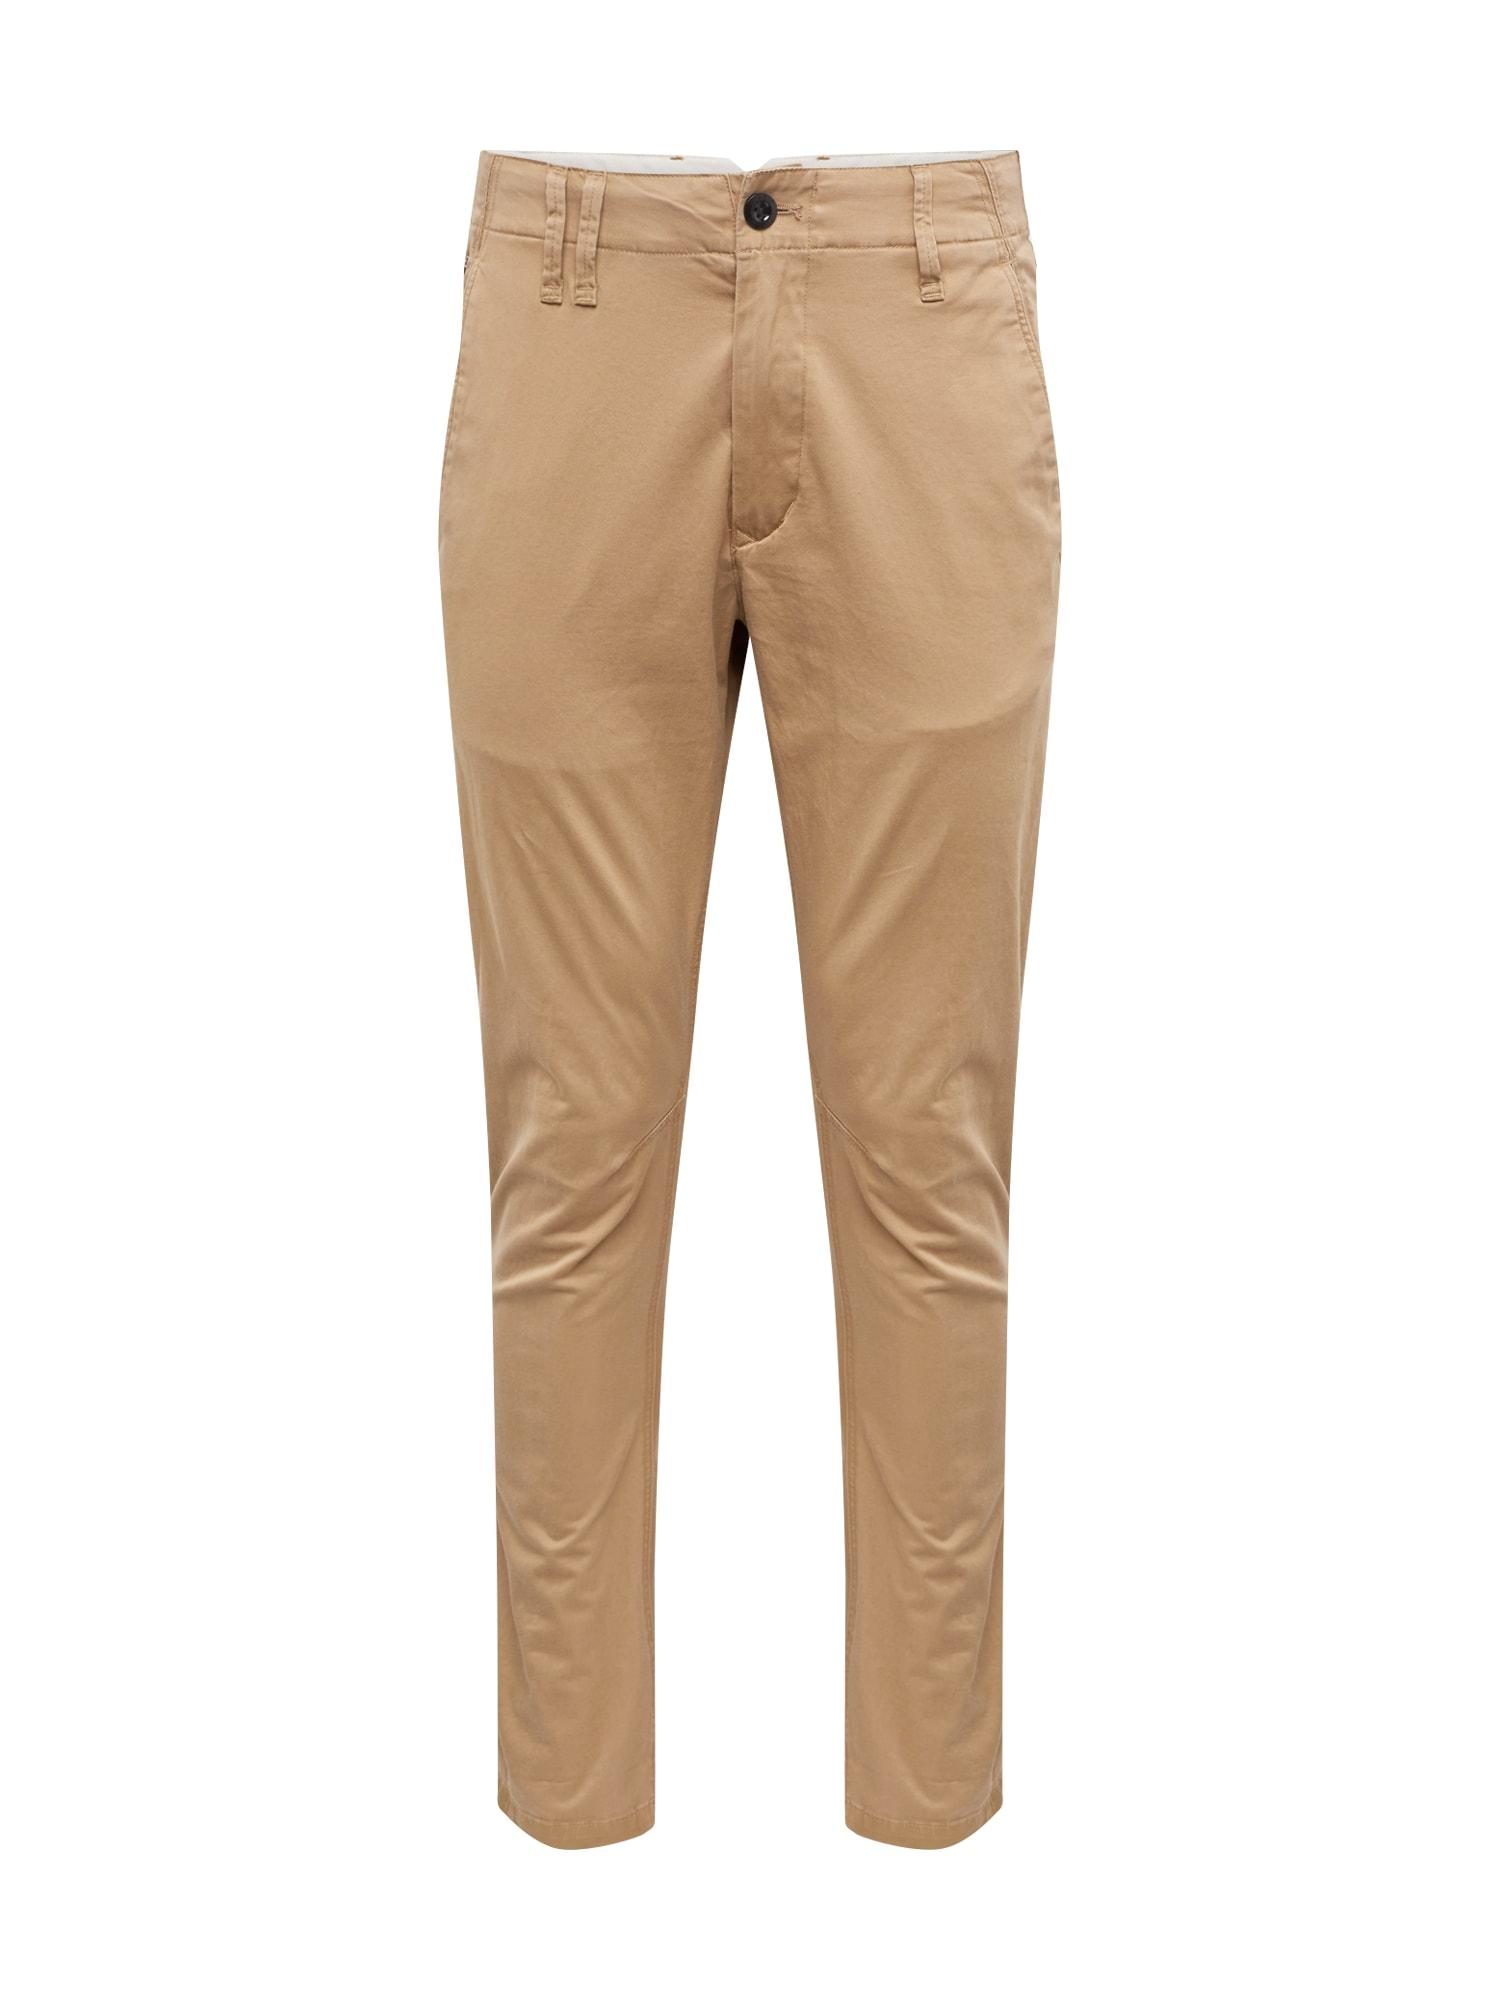 Chino kalhoty Vetar slim béžová G-STAR RAW